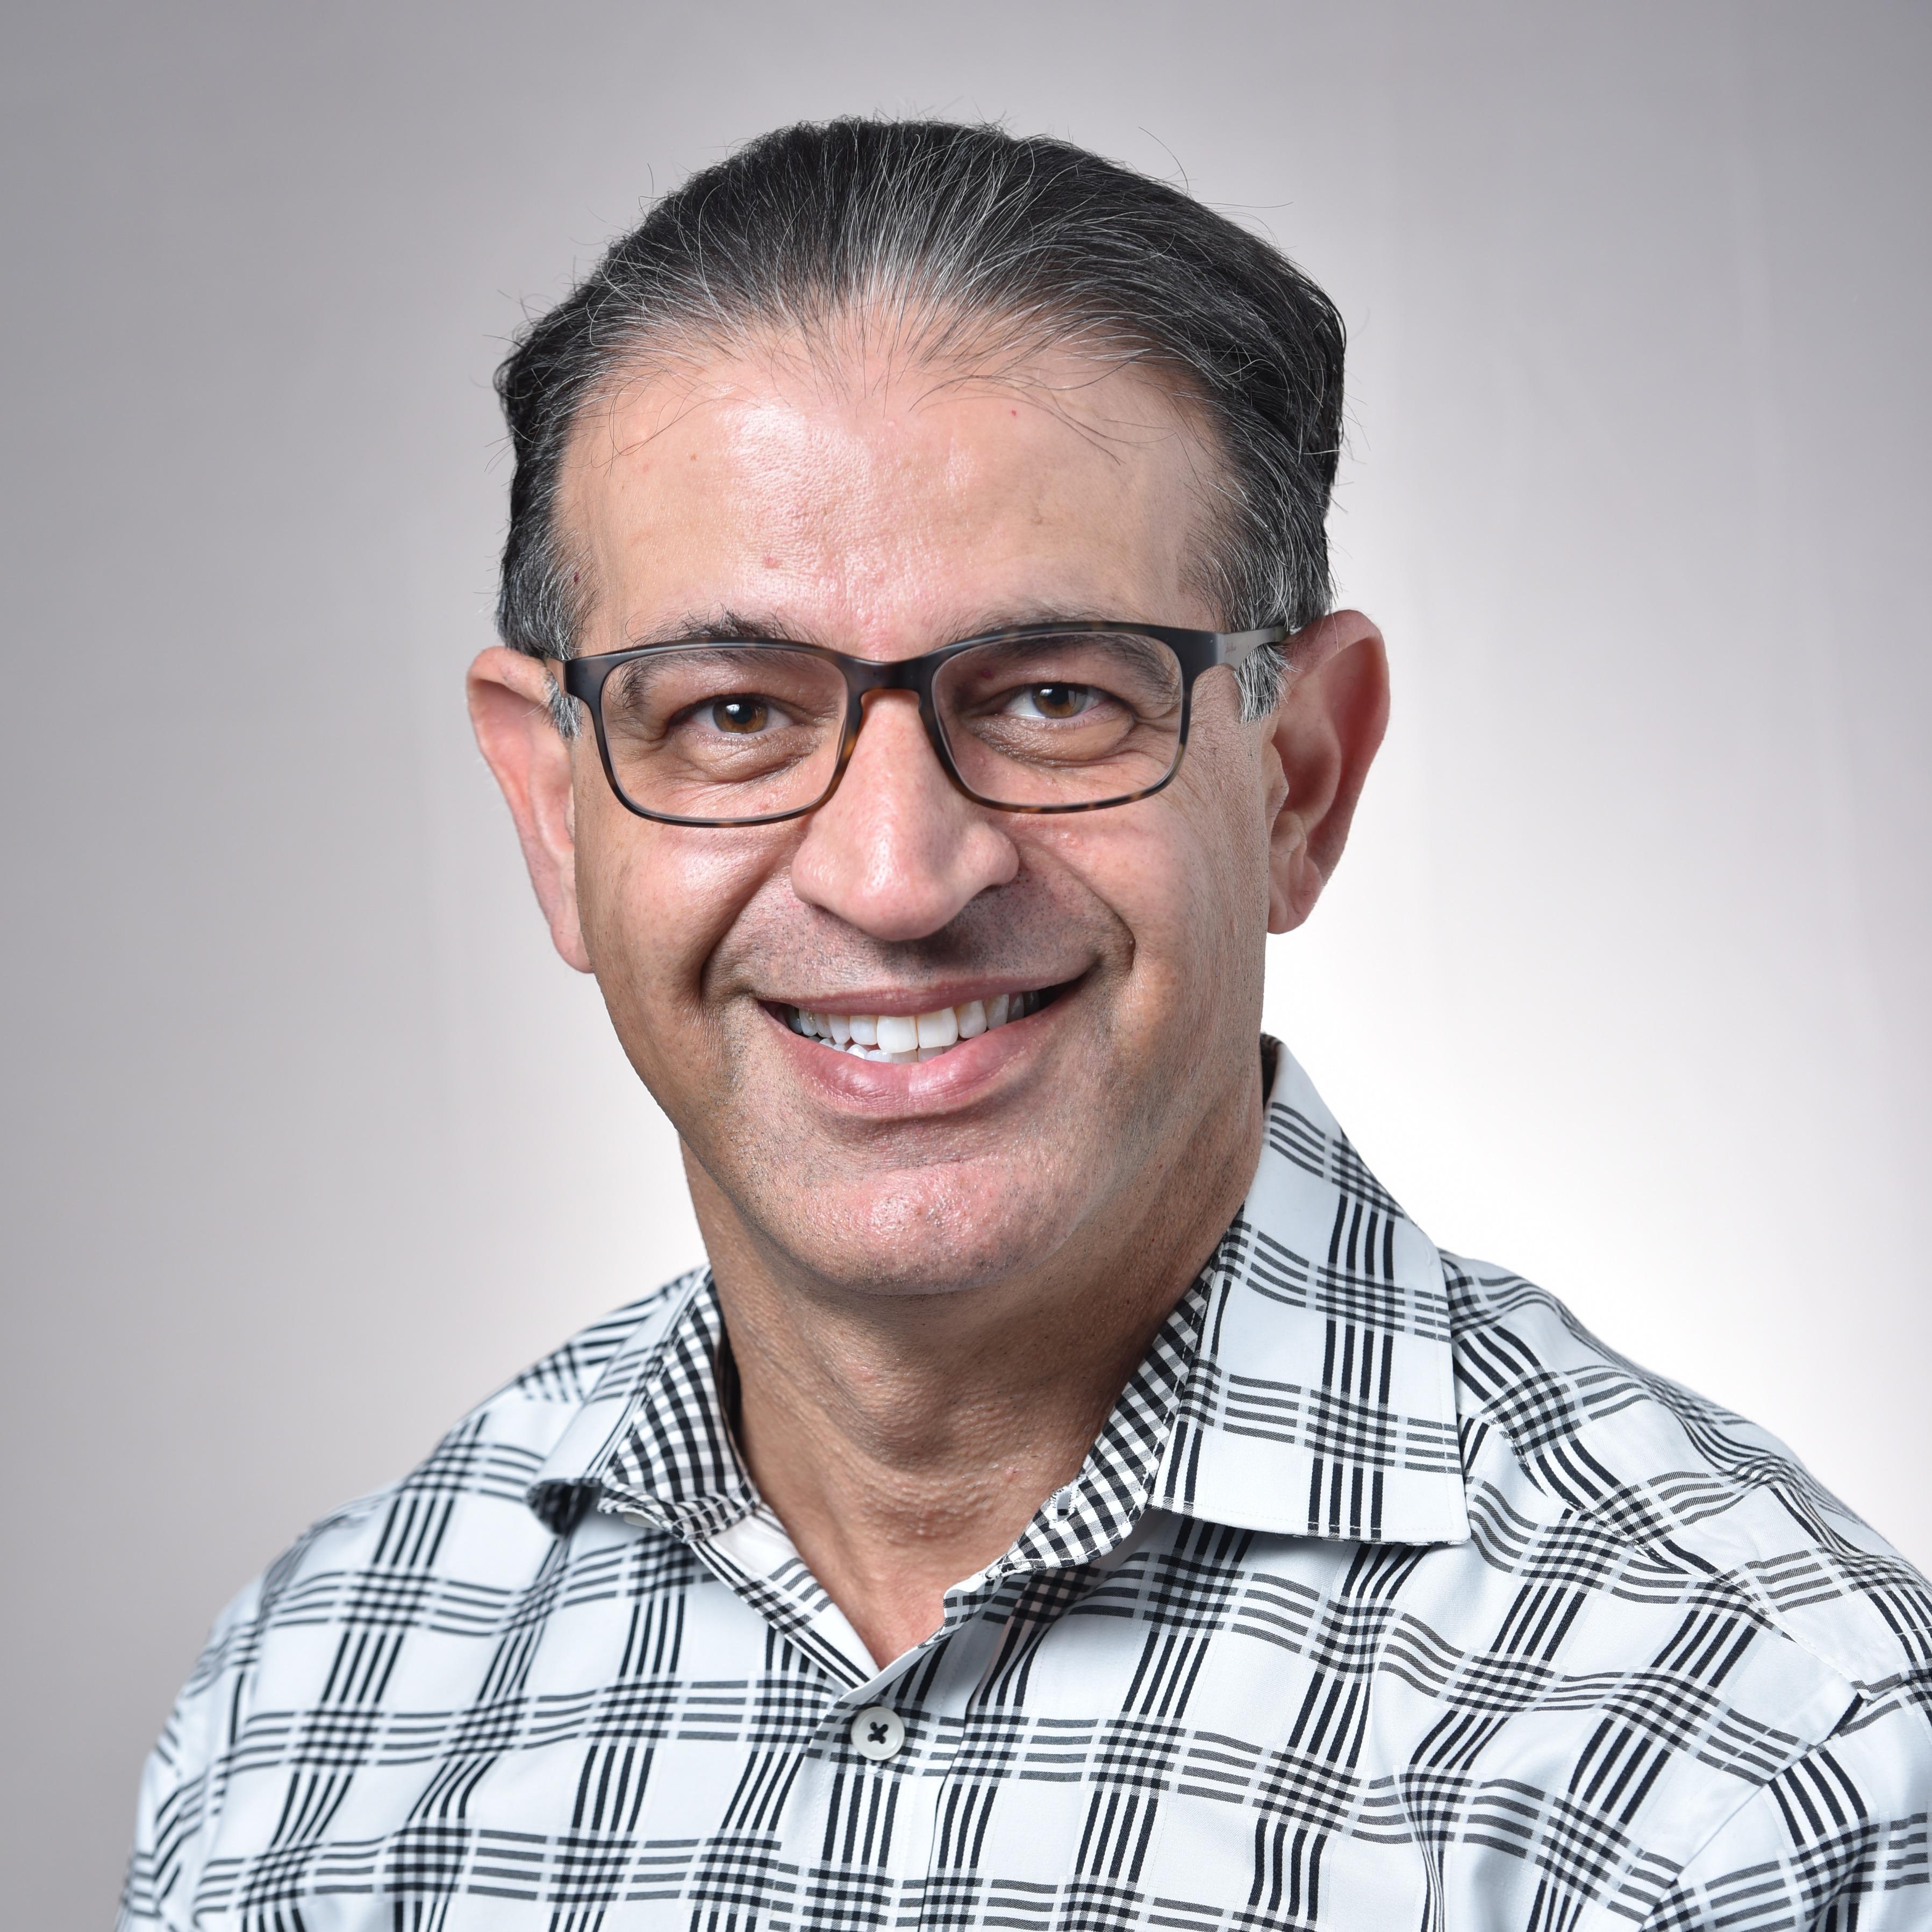 Dr. Antonio Essapour